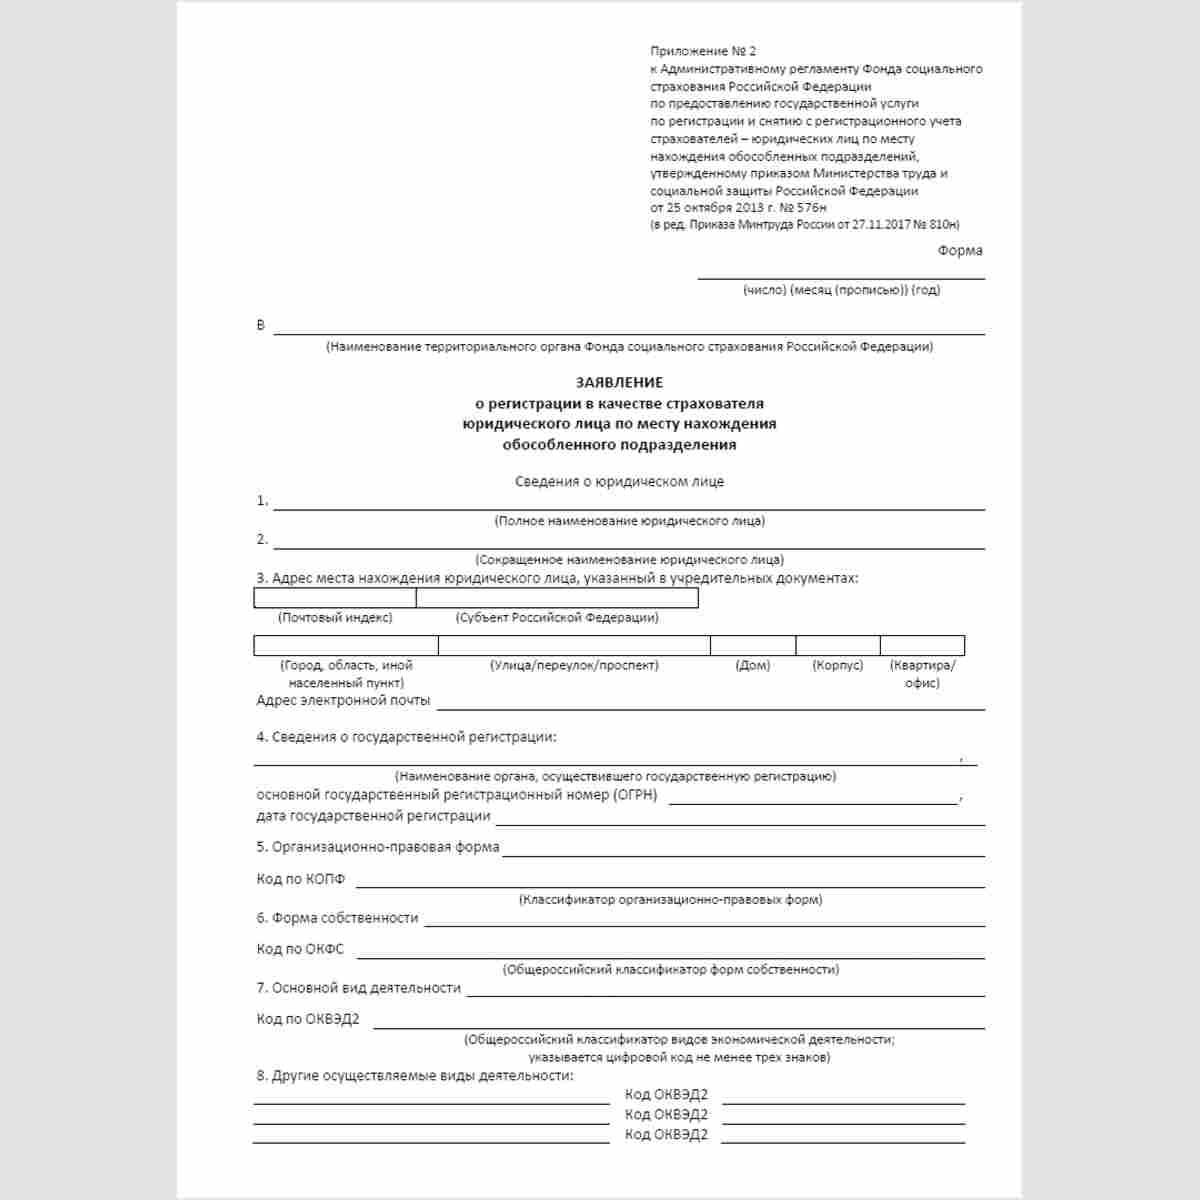 """Форма """"Заявление о регистрации в качестве страхователя юридического лица по месту нахождения обособленного подразделения"""". Стр. 1"""